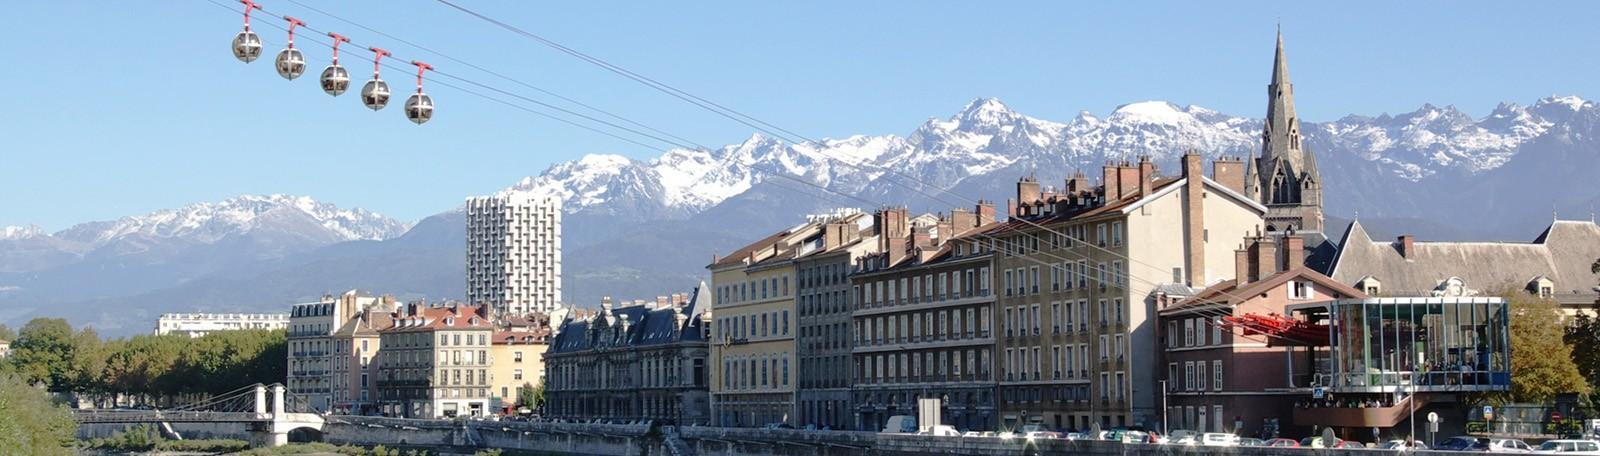 Car park Stade des Alpes / Palais des sports - Park in Grenoble